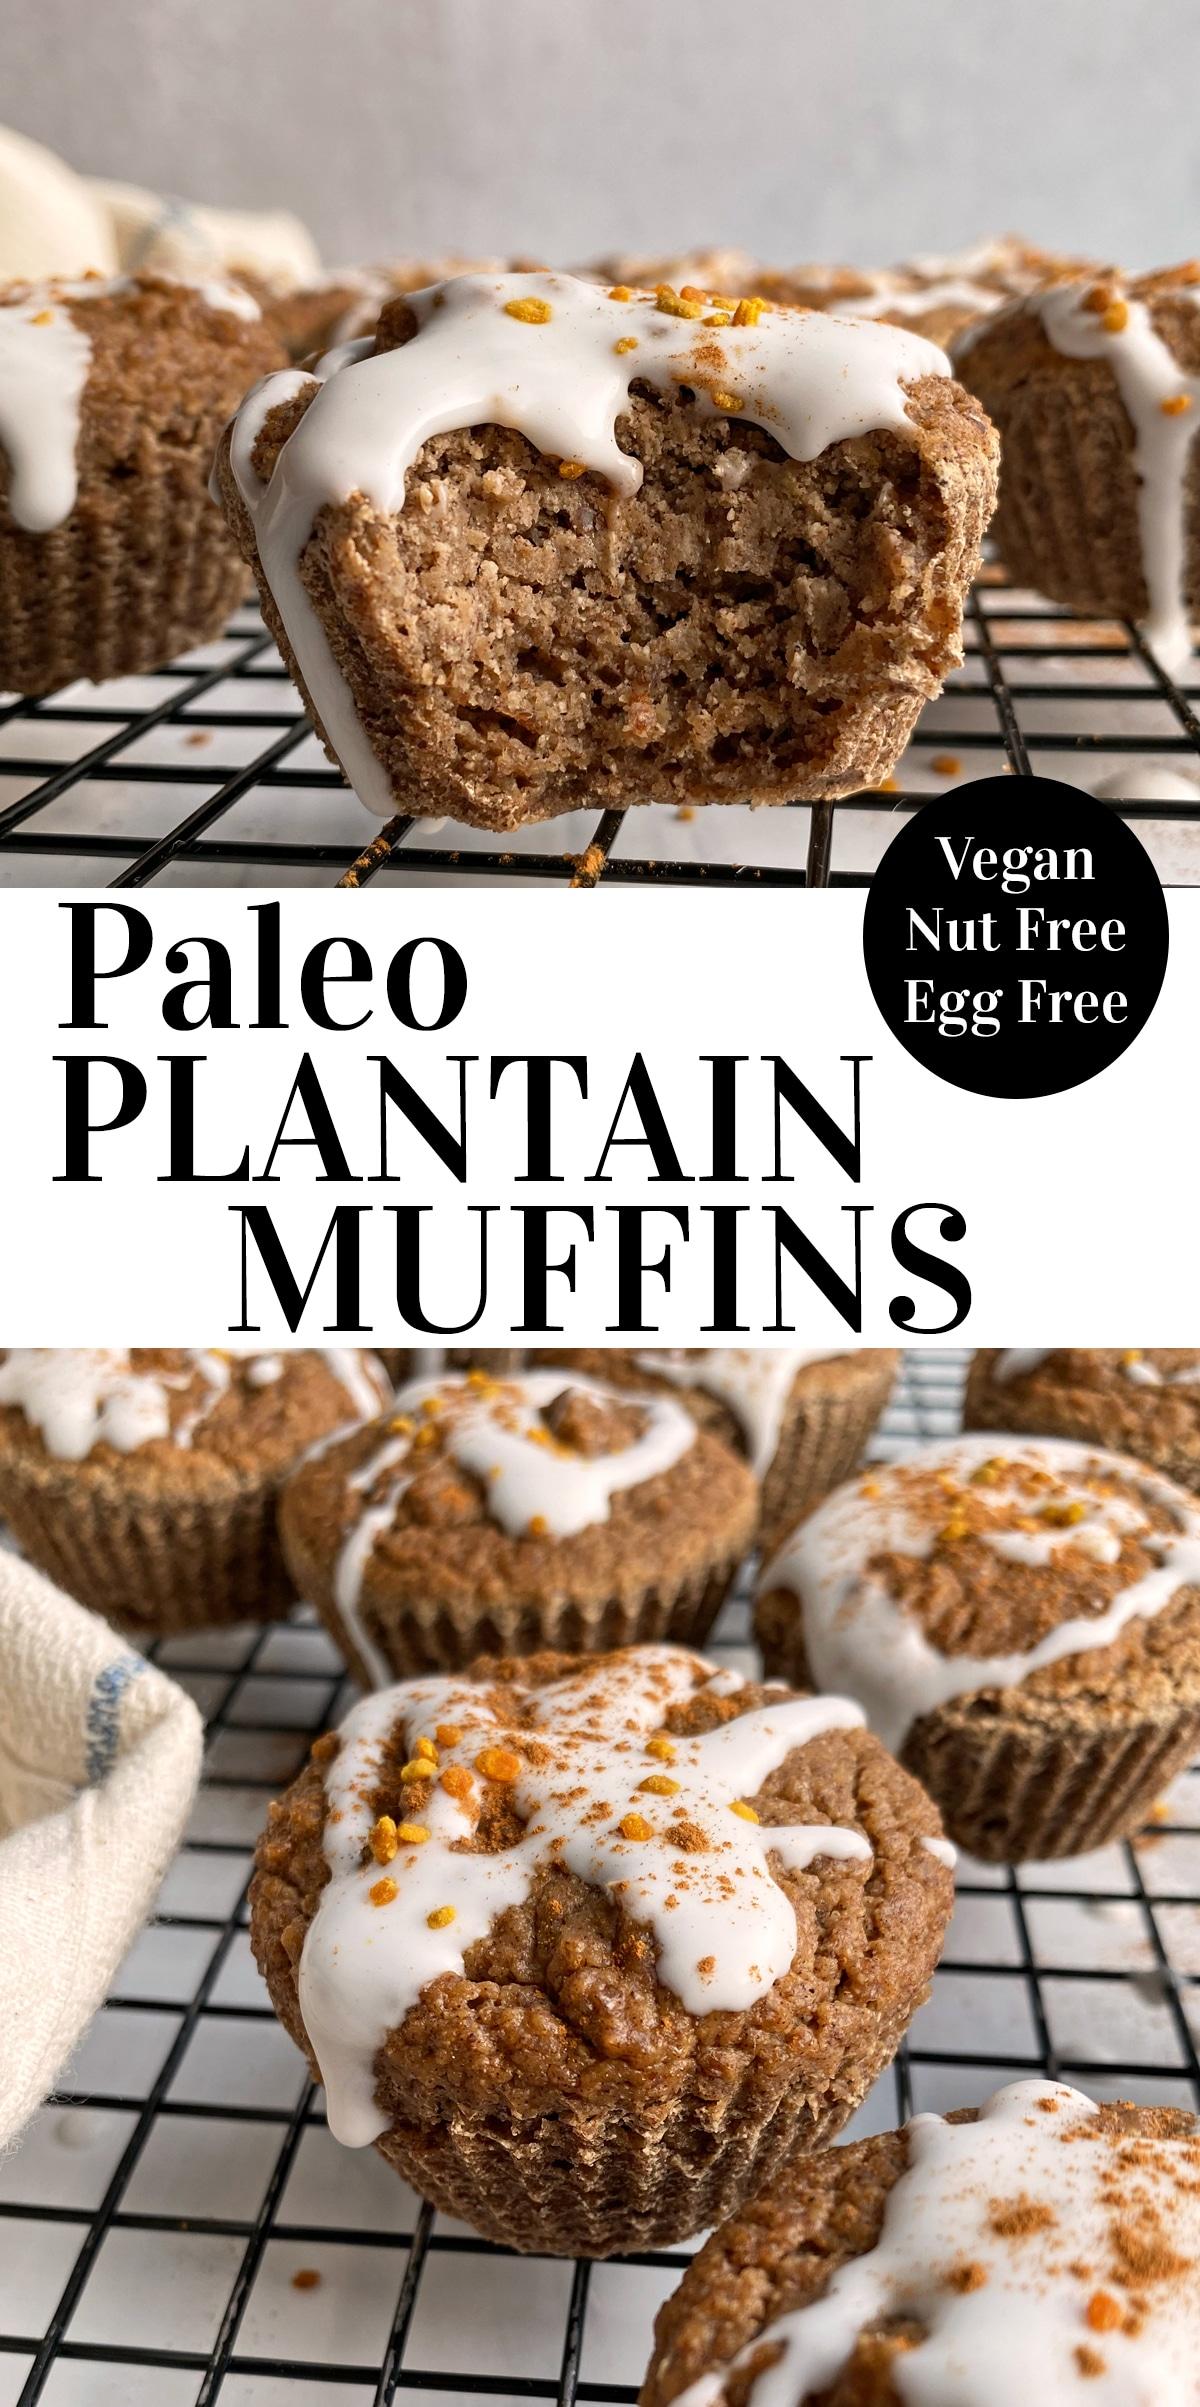 Paleo-plantain-flour-muffin-recipe